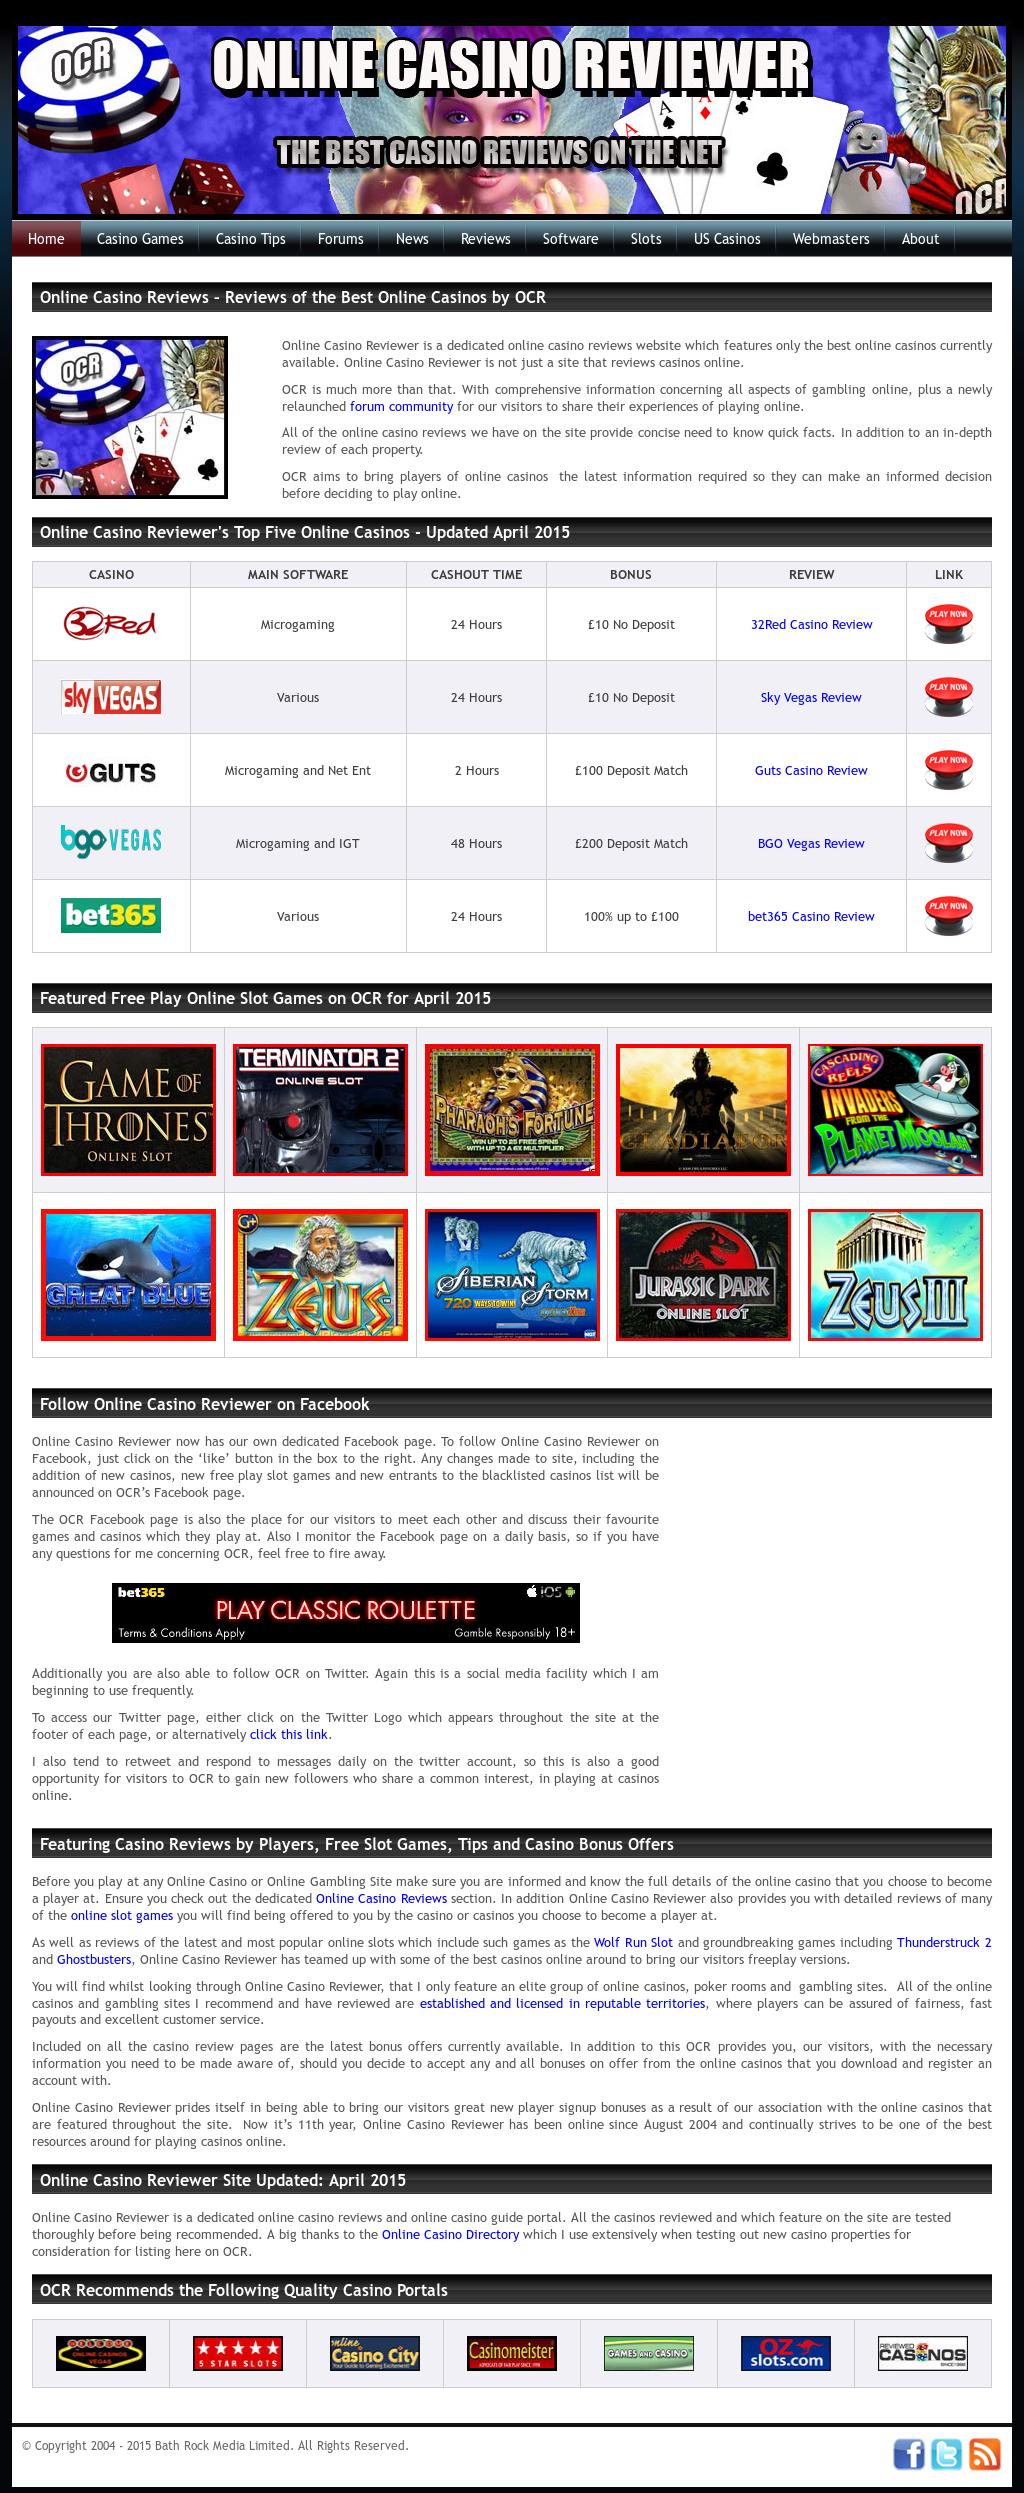 ignition casino bonus codes 2019